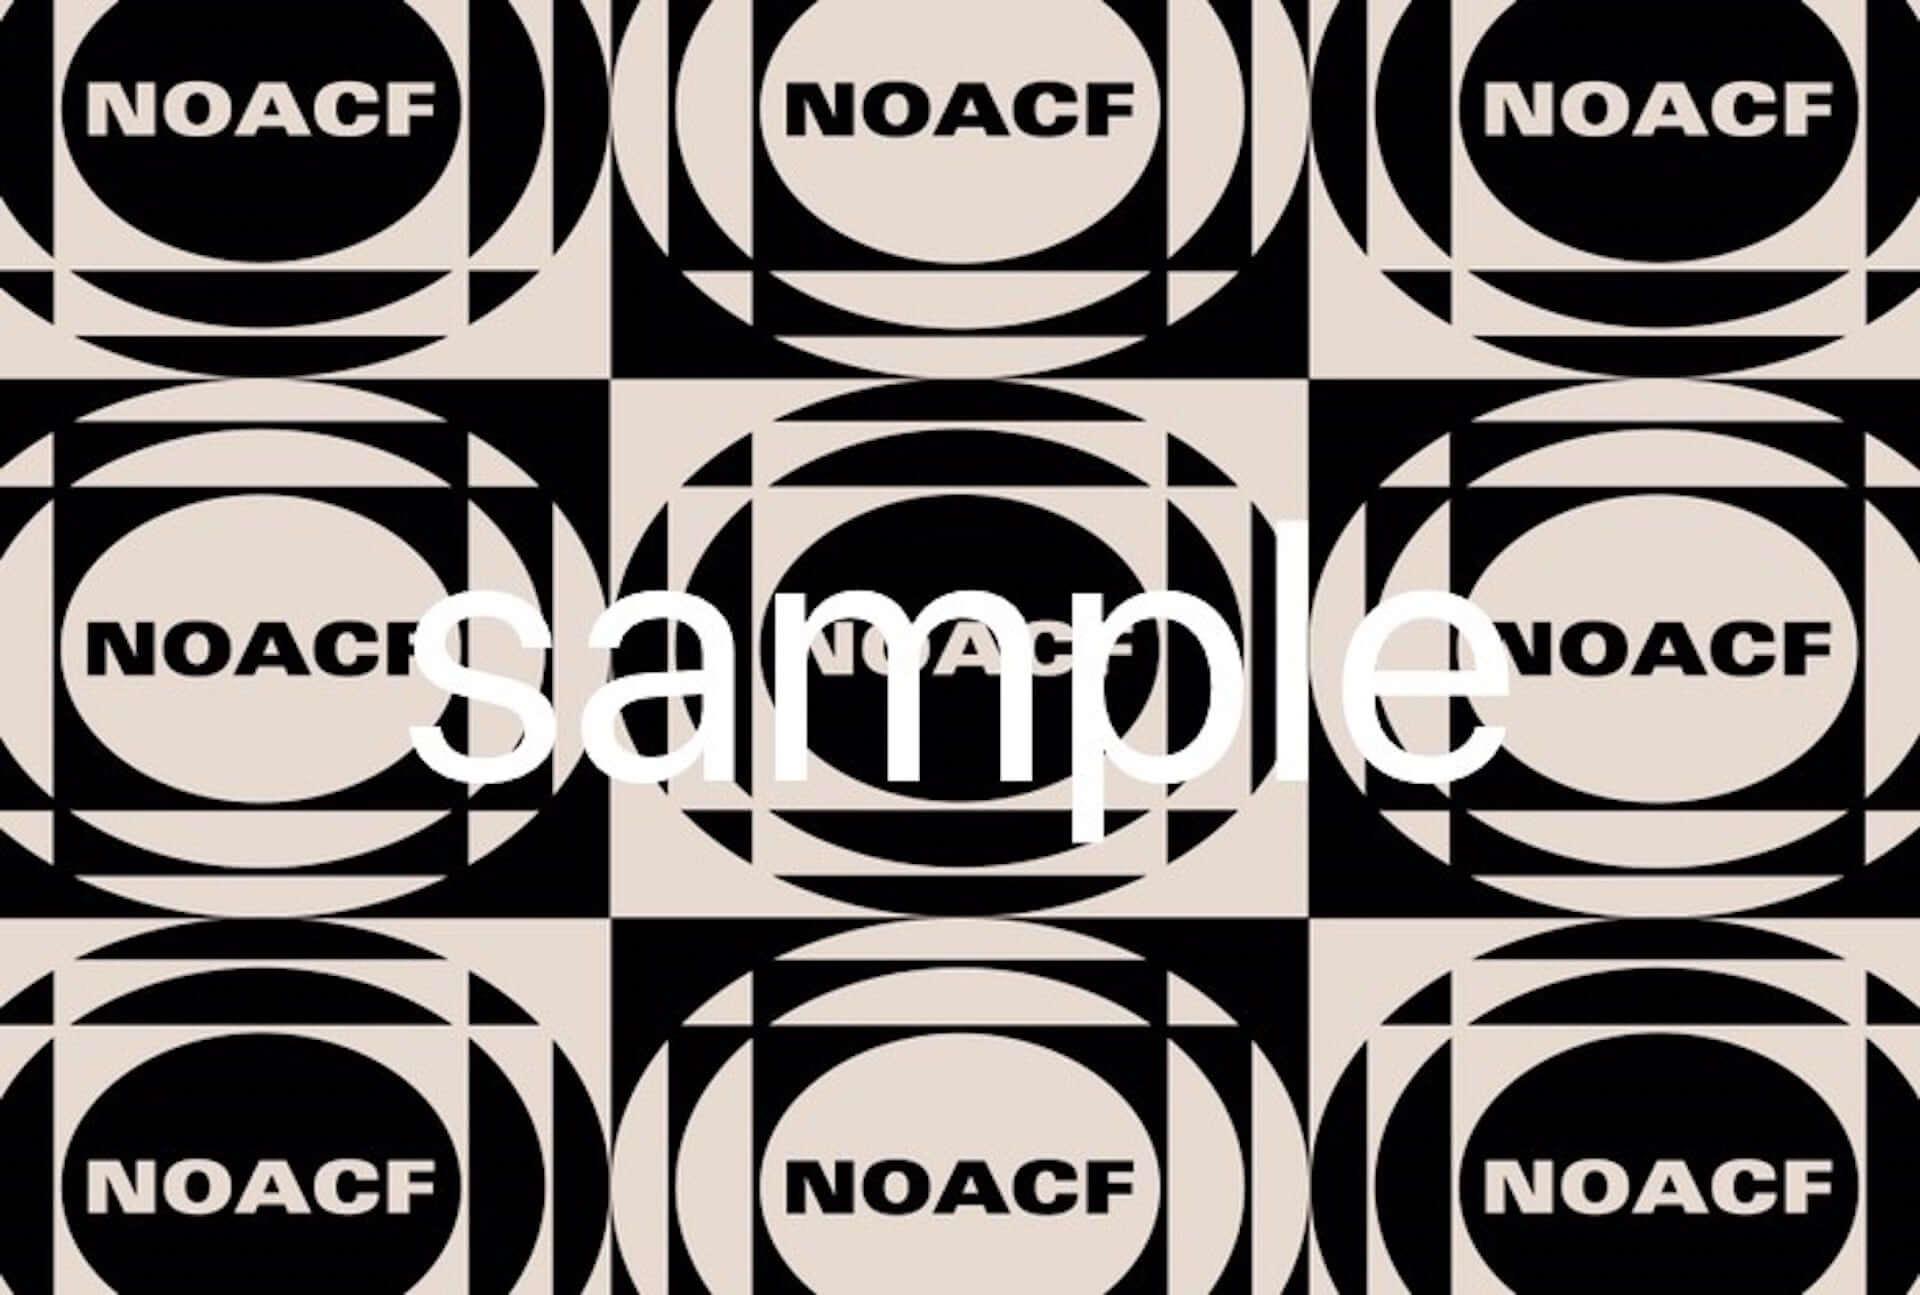 The 1975の新アルバムが発売延期に|専属デザイナーによる日本盤CD特典が決定 music200331_the_1975_6-1920x1295